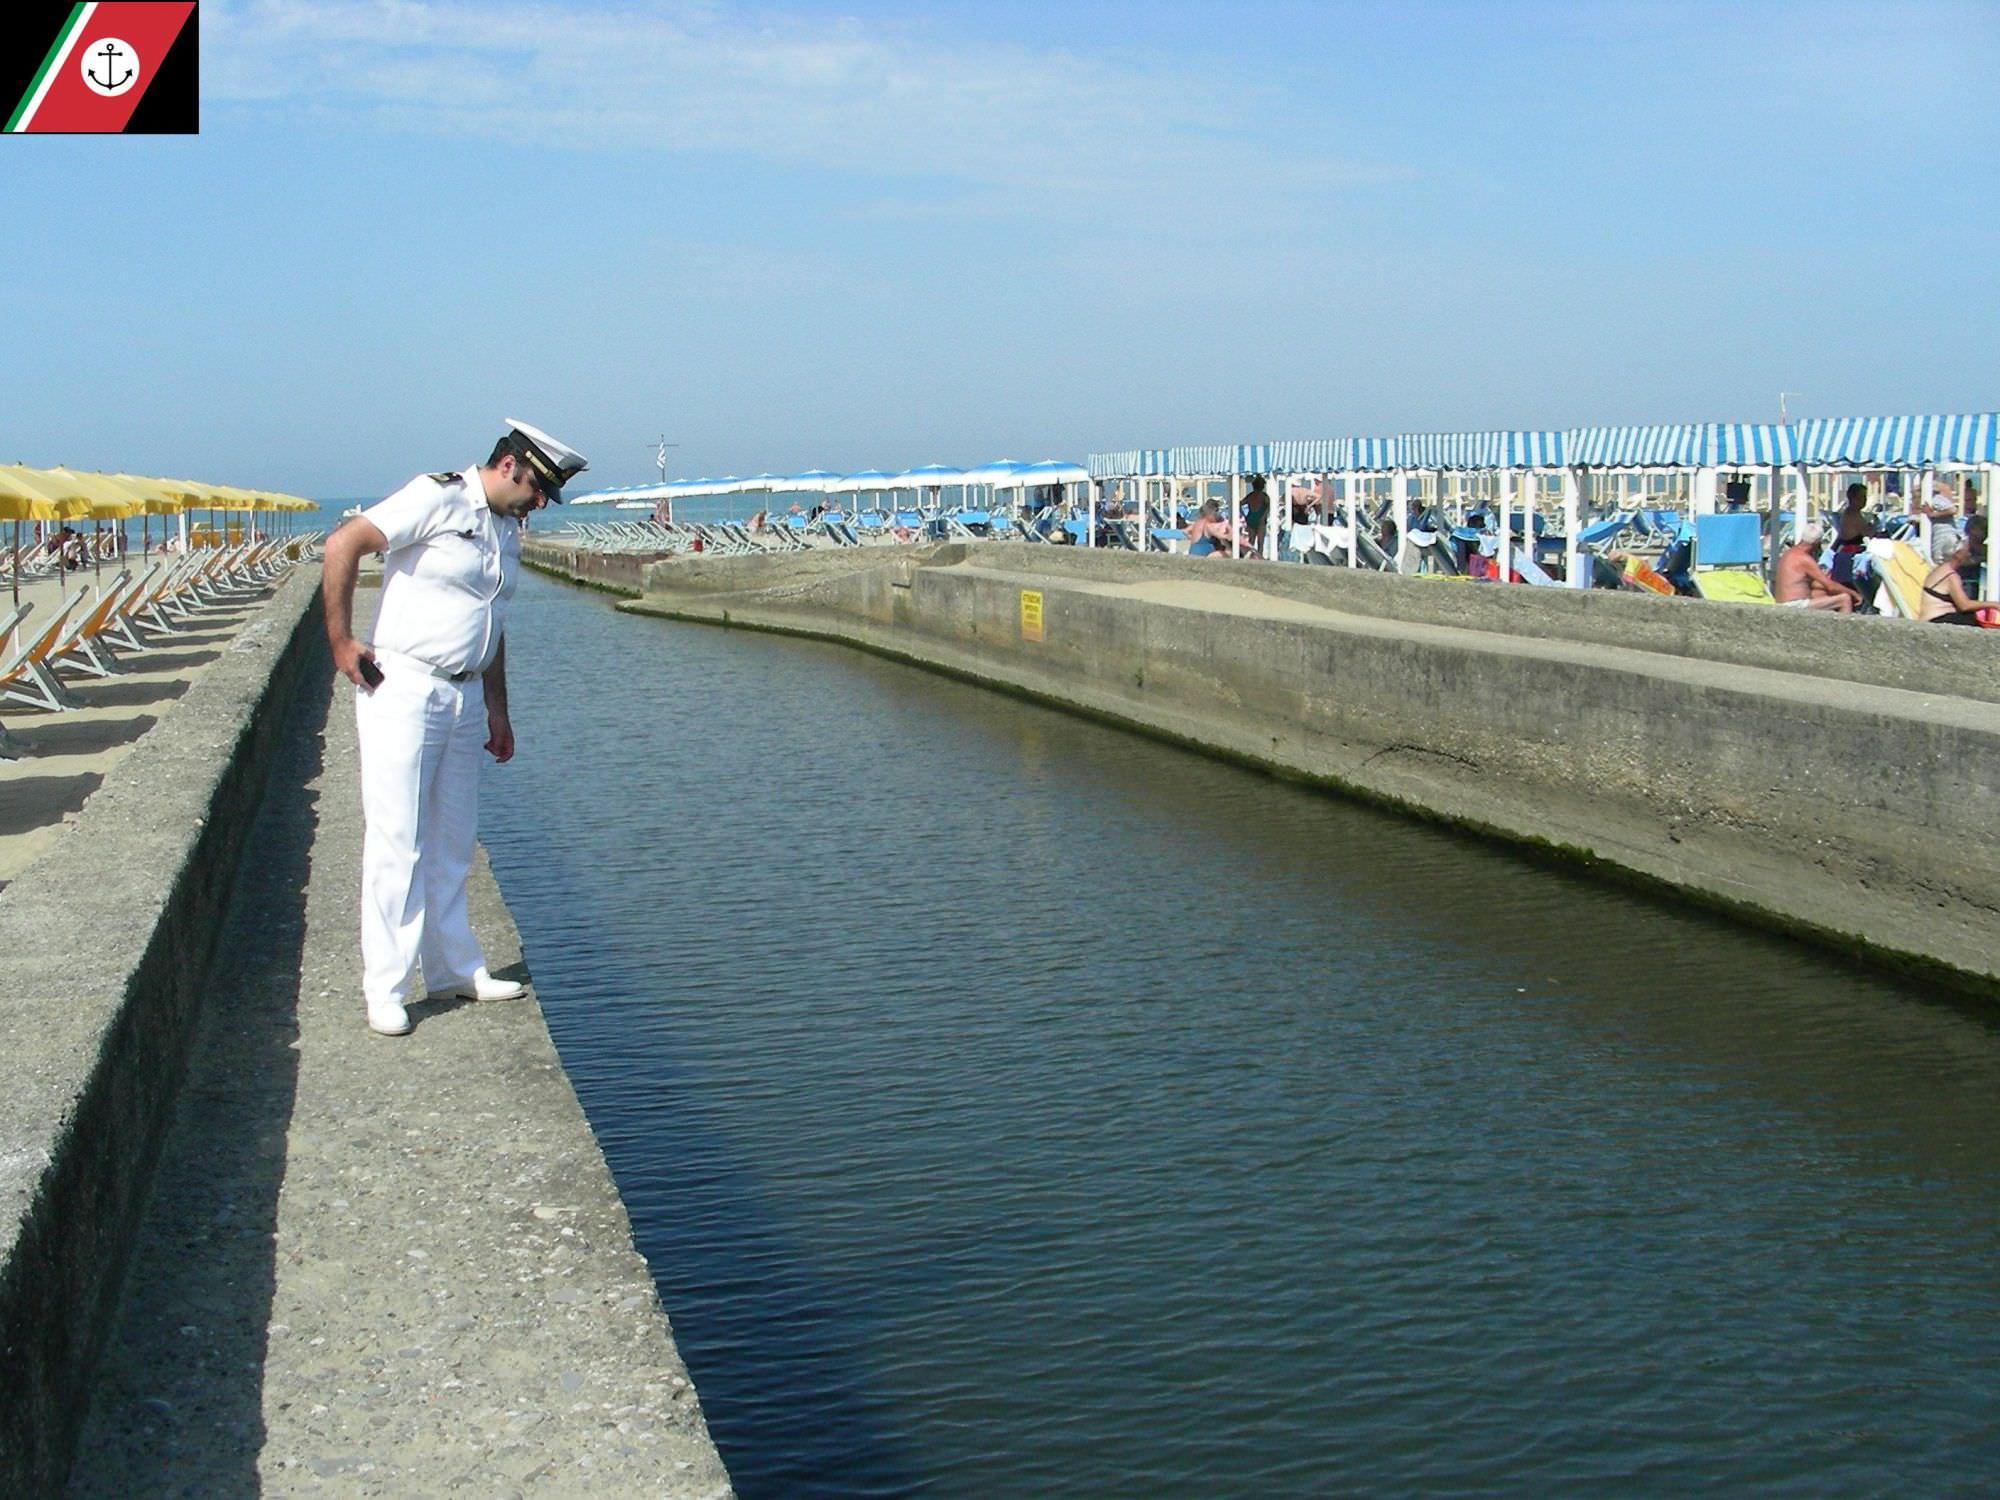 Revocato il divieto di balneazione a Marina di Pietrasanta